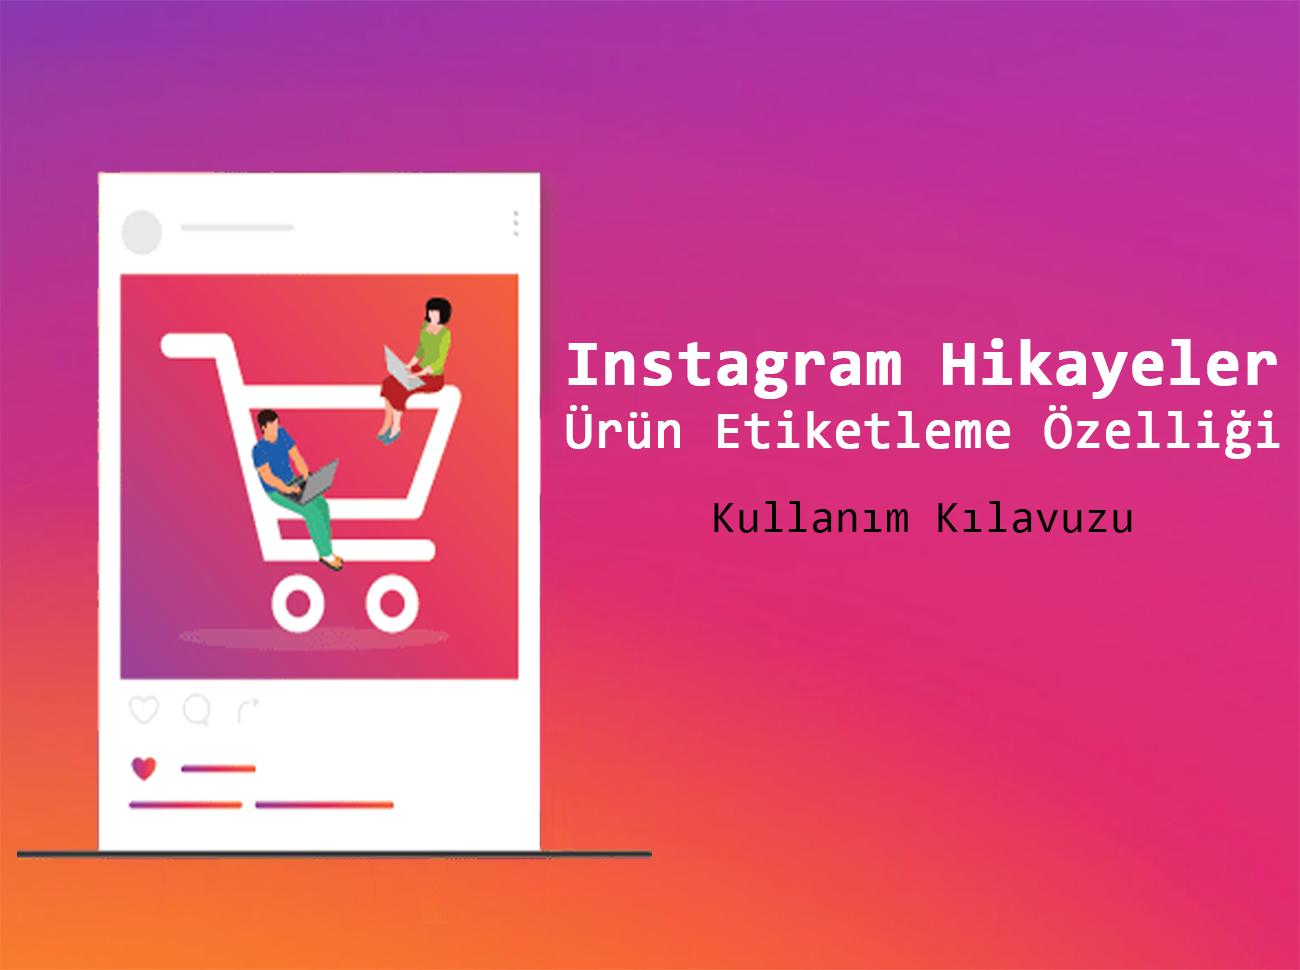 Instagram Hikayeler (Stories) Ürün Etiketleme Özelliği